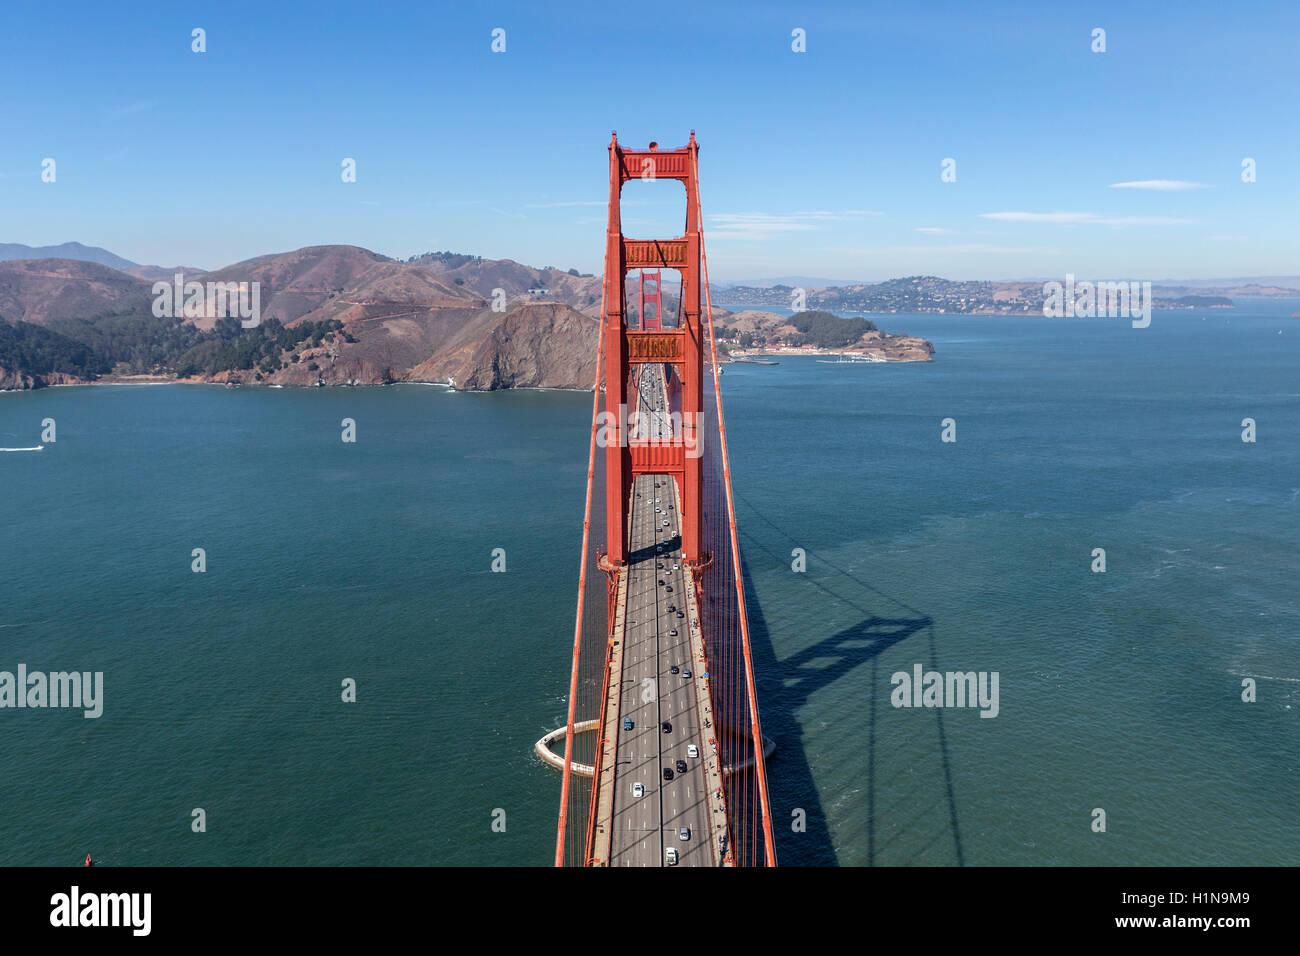 Golden Gate Bridge vue aérienne vers Marin Headlands près de San Francisco, en Californie. Photo Stock